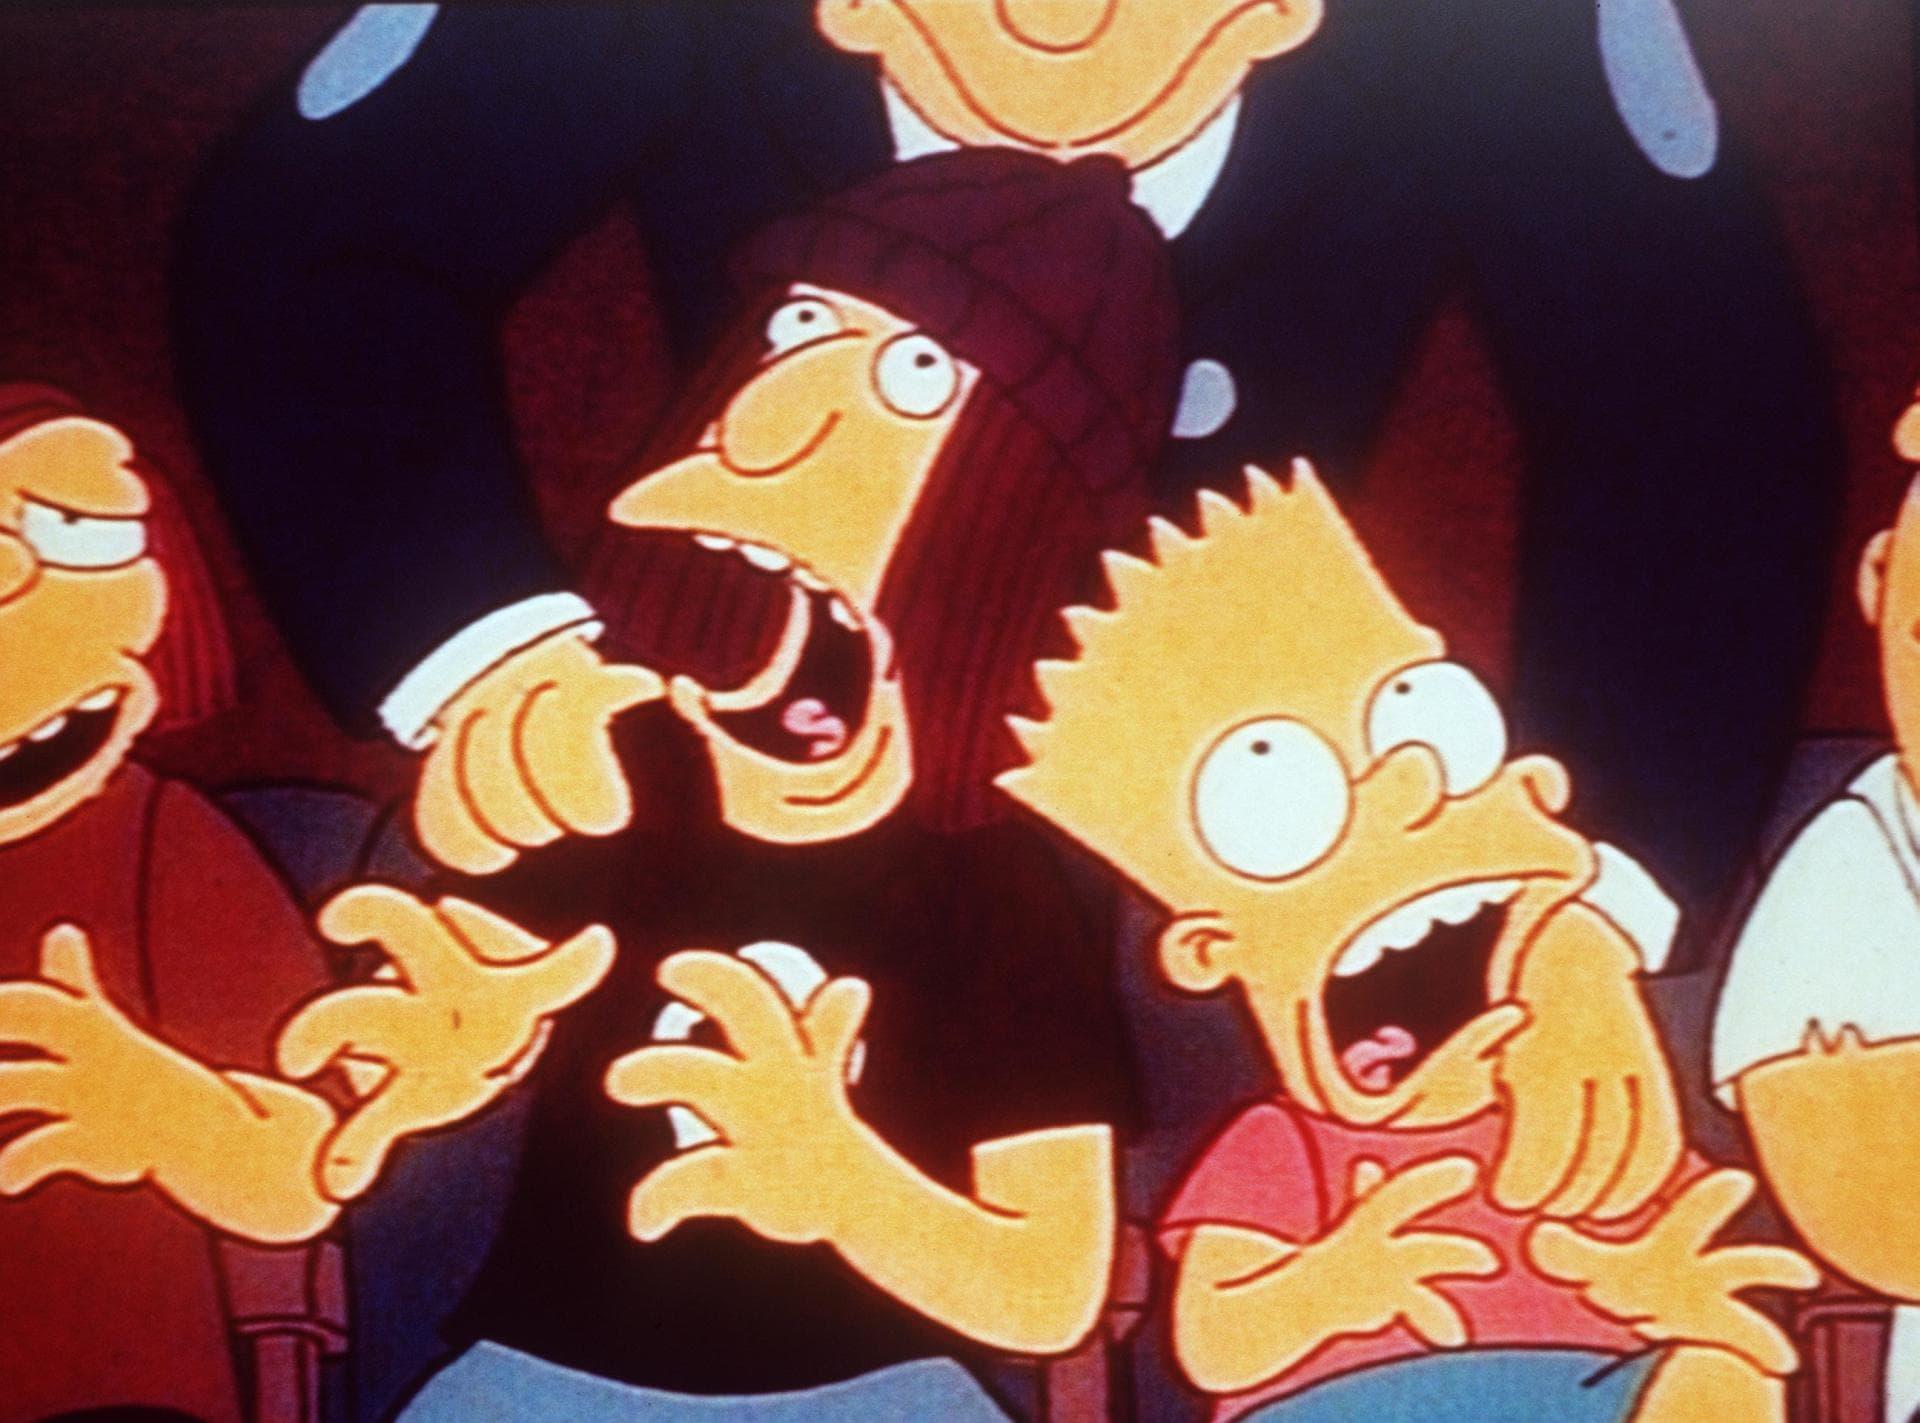 Les Simpson - Bart a perdu la tête